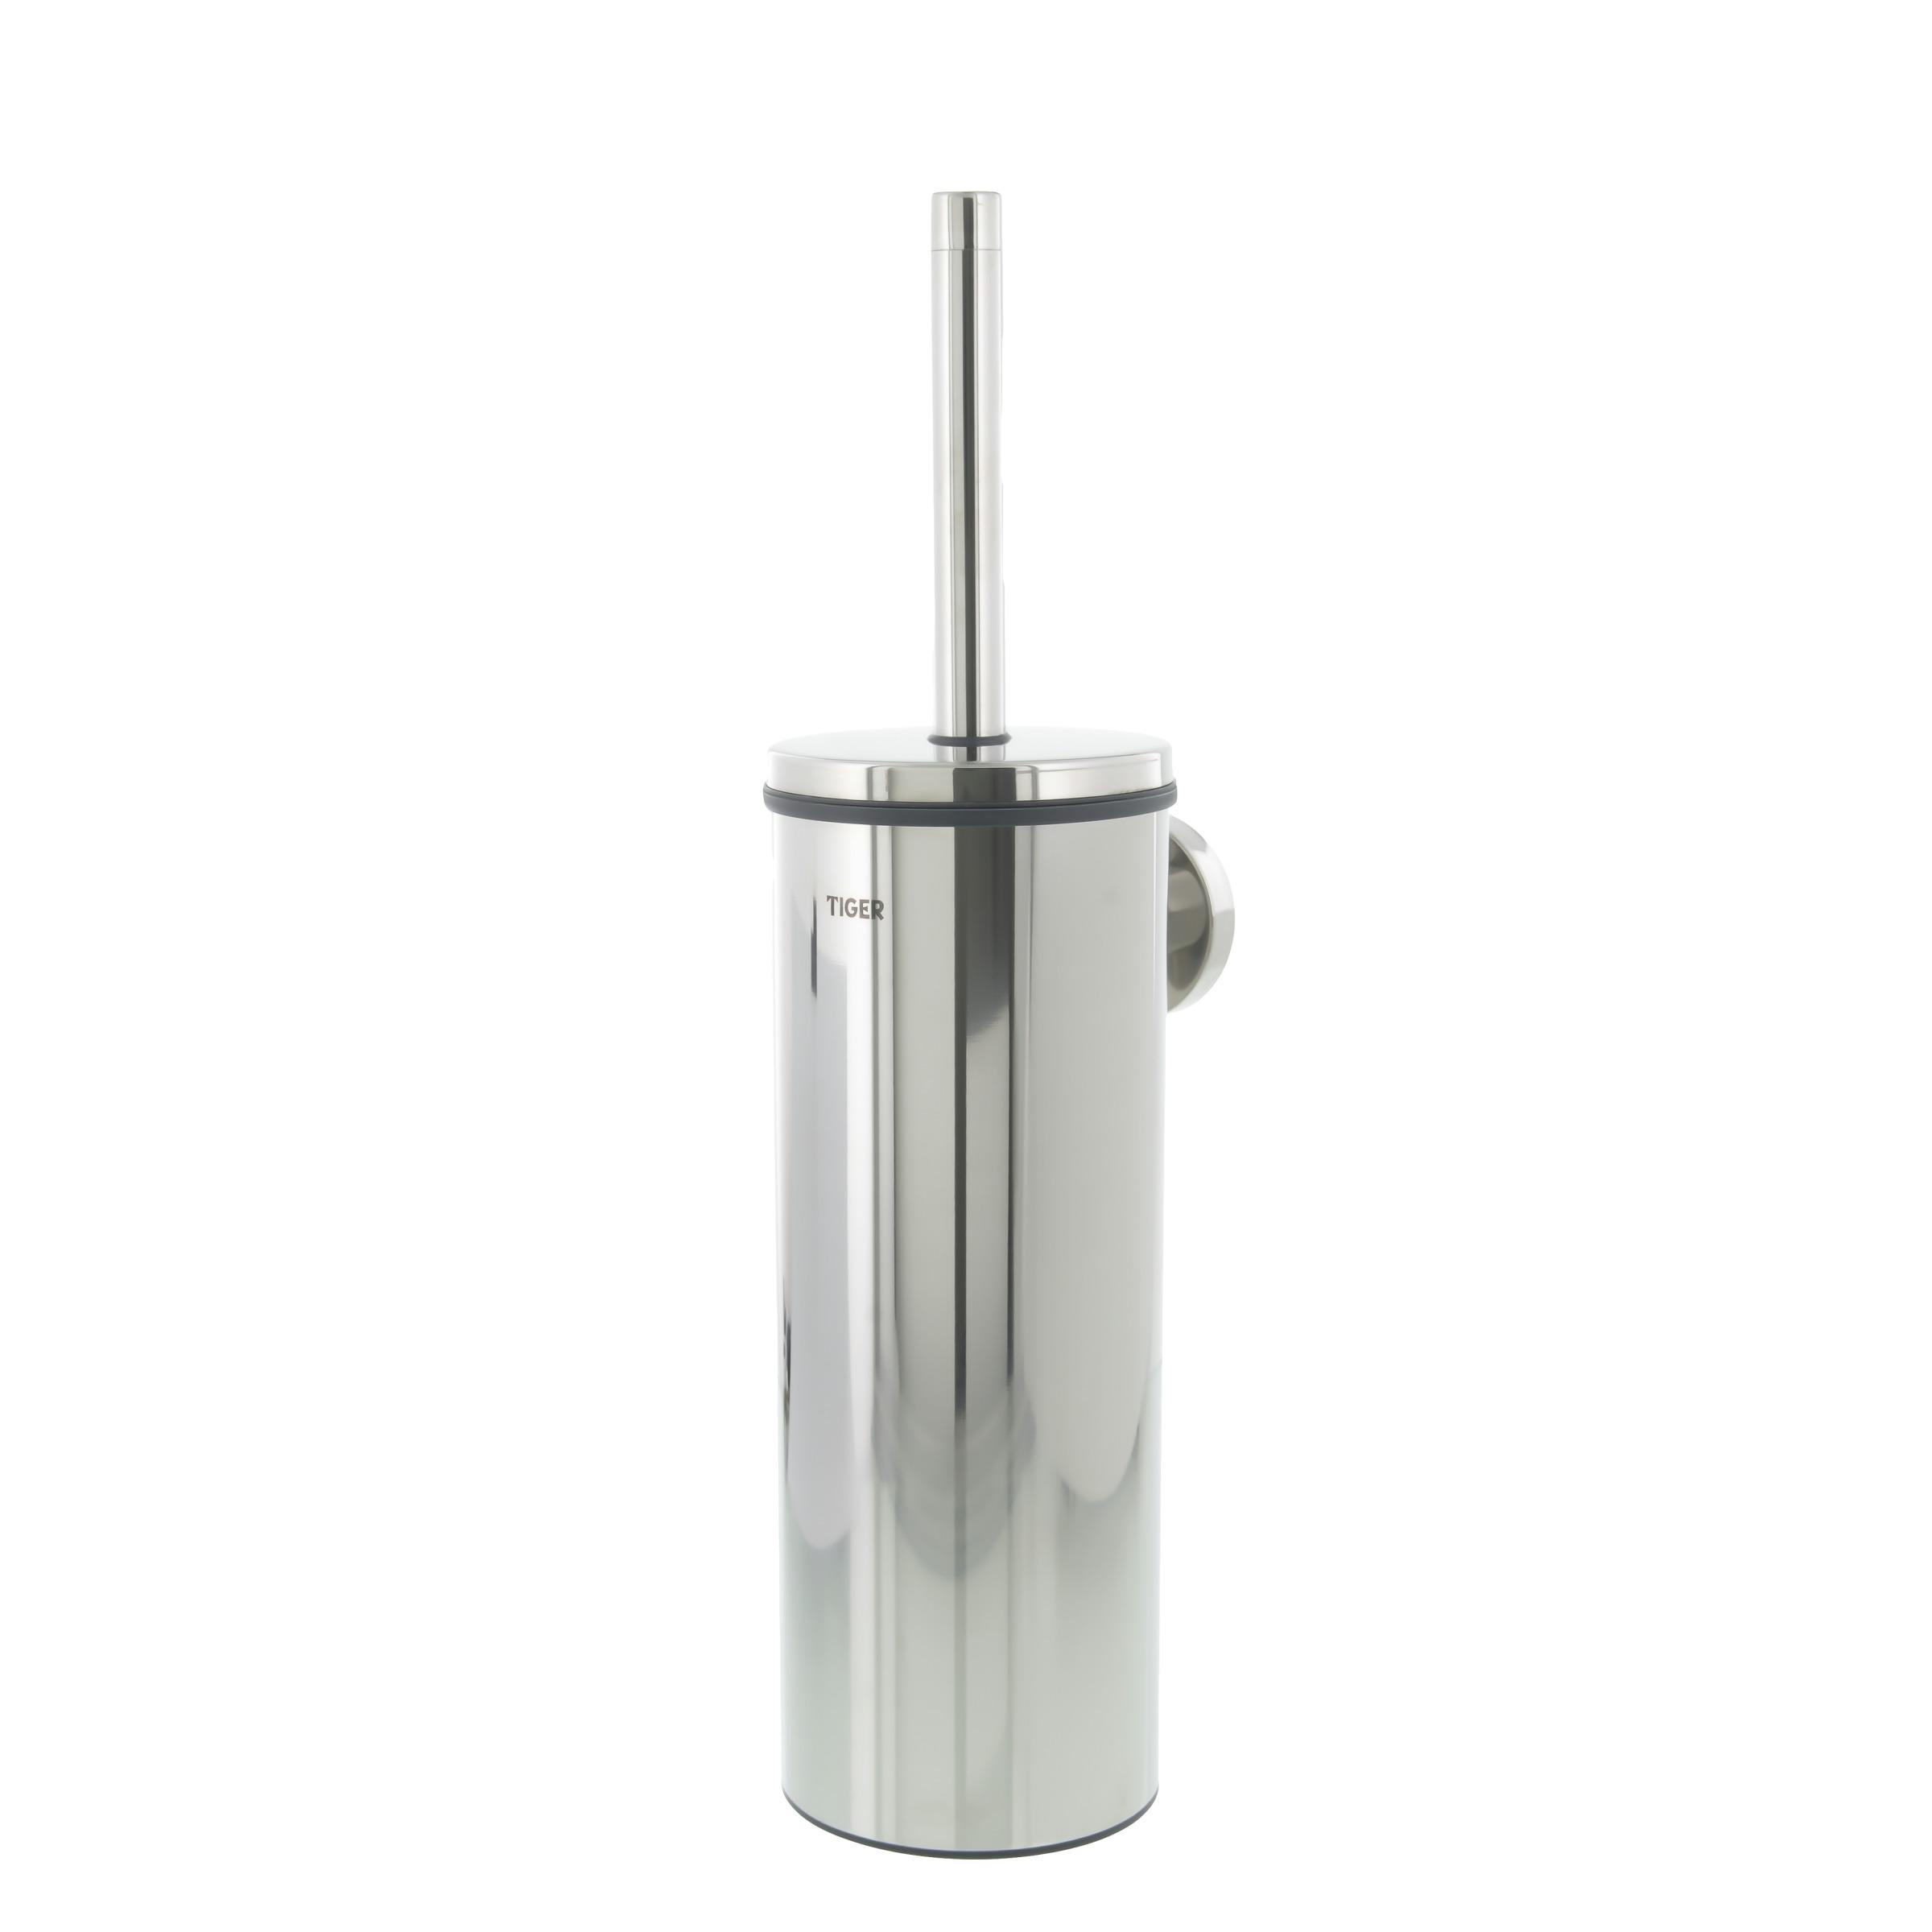 Ensemble brosse wc boston tiger chrom accessoires wc toilettes sanitai - Ensemble accessoires wc ...